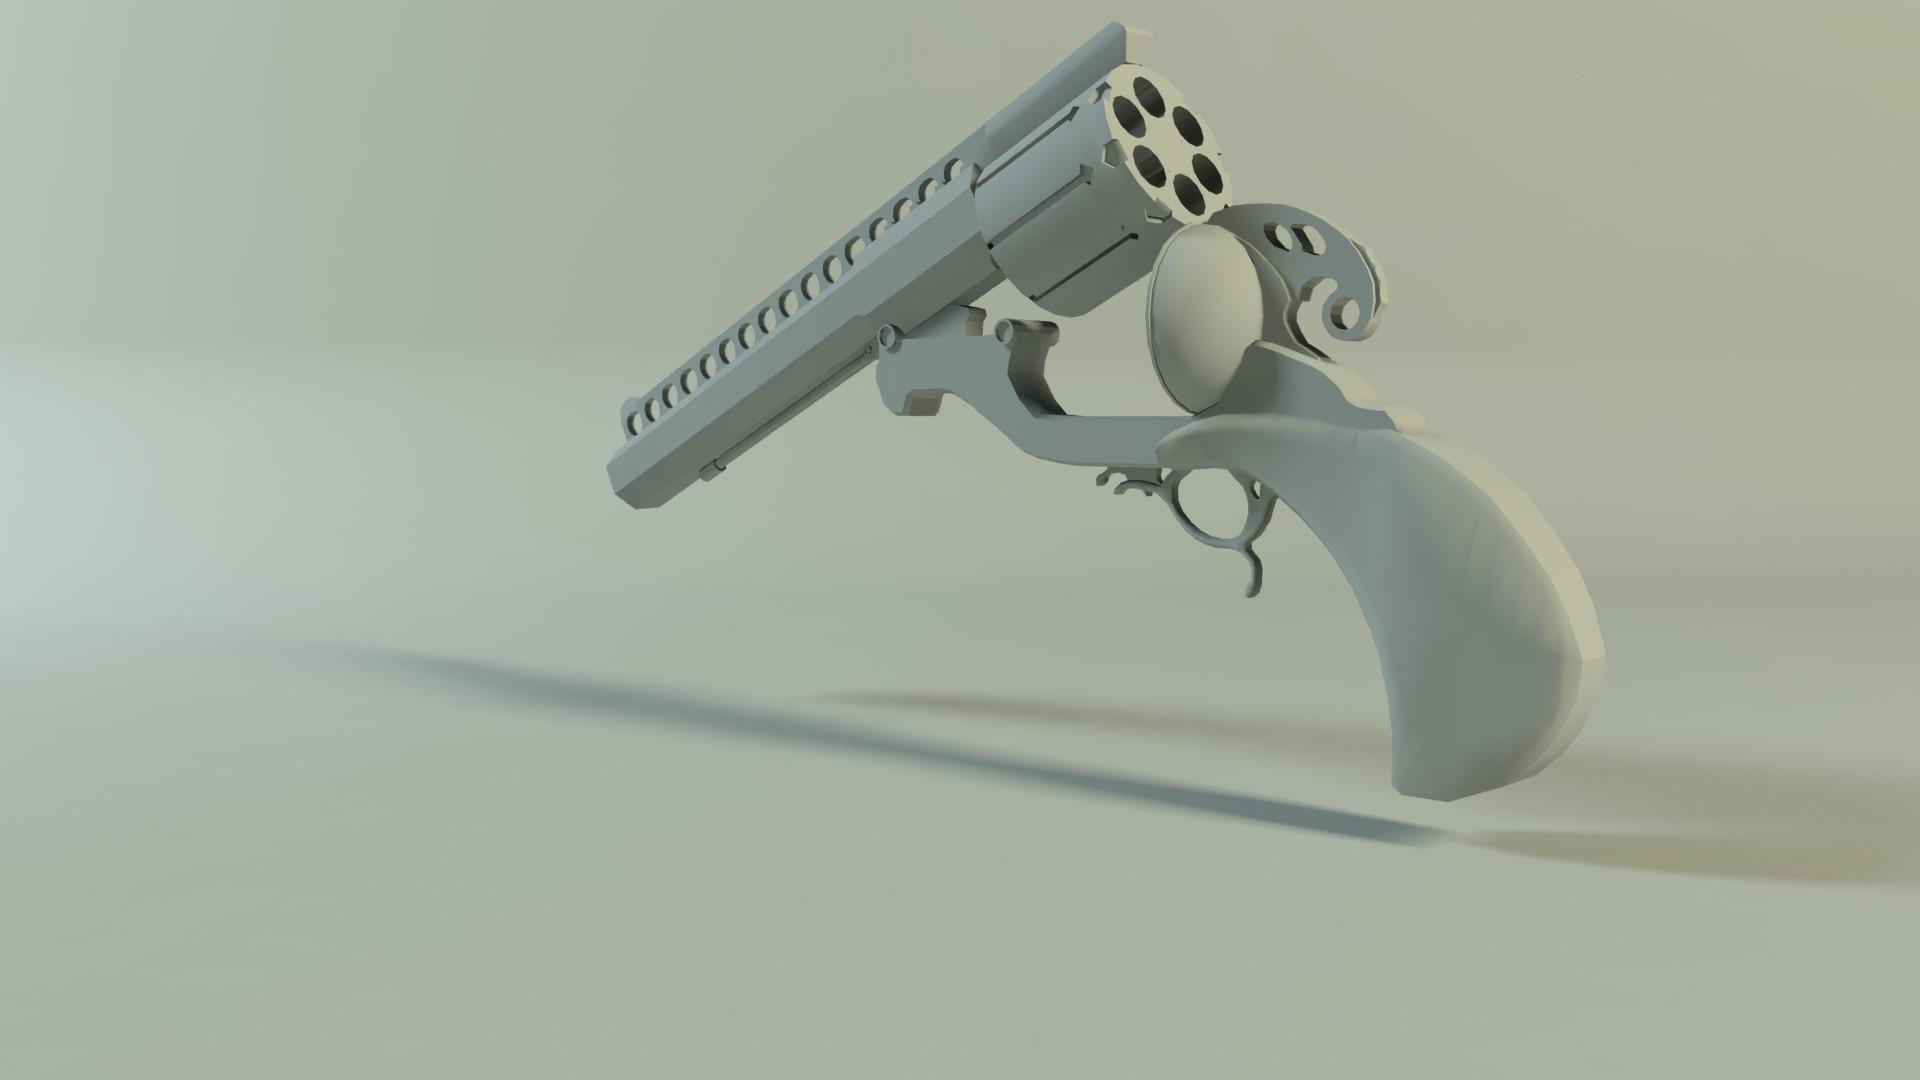 Mugisha monga pistol lp render 02